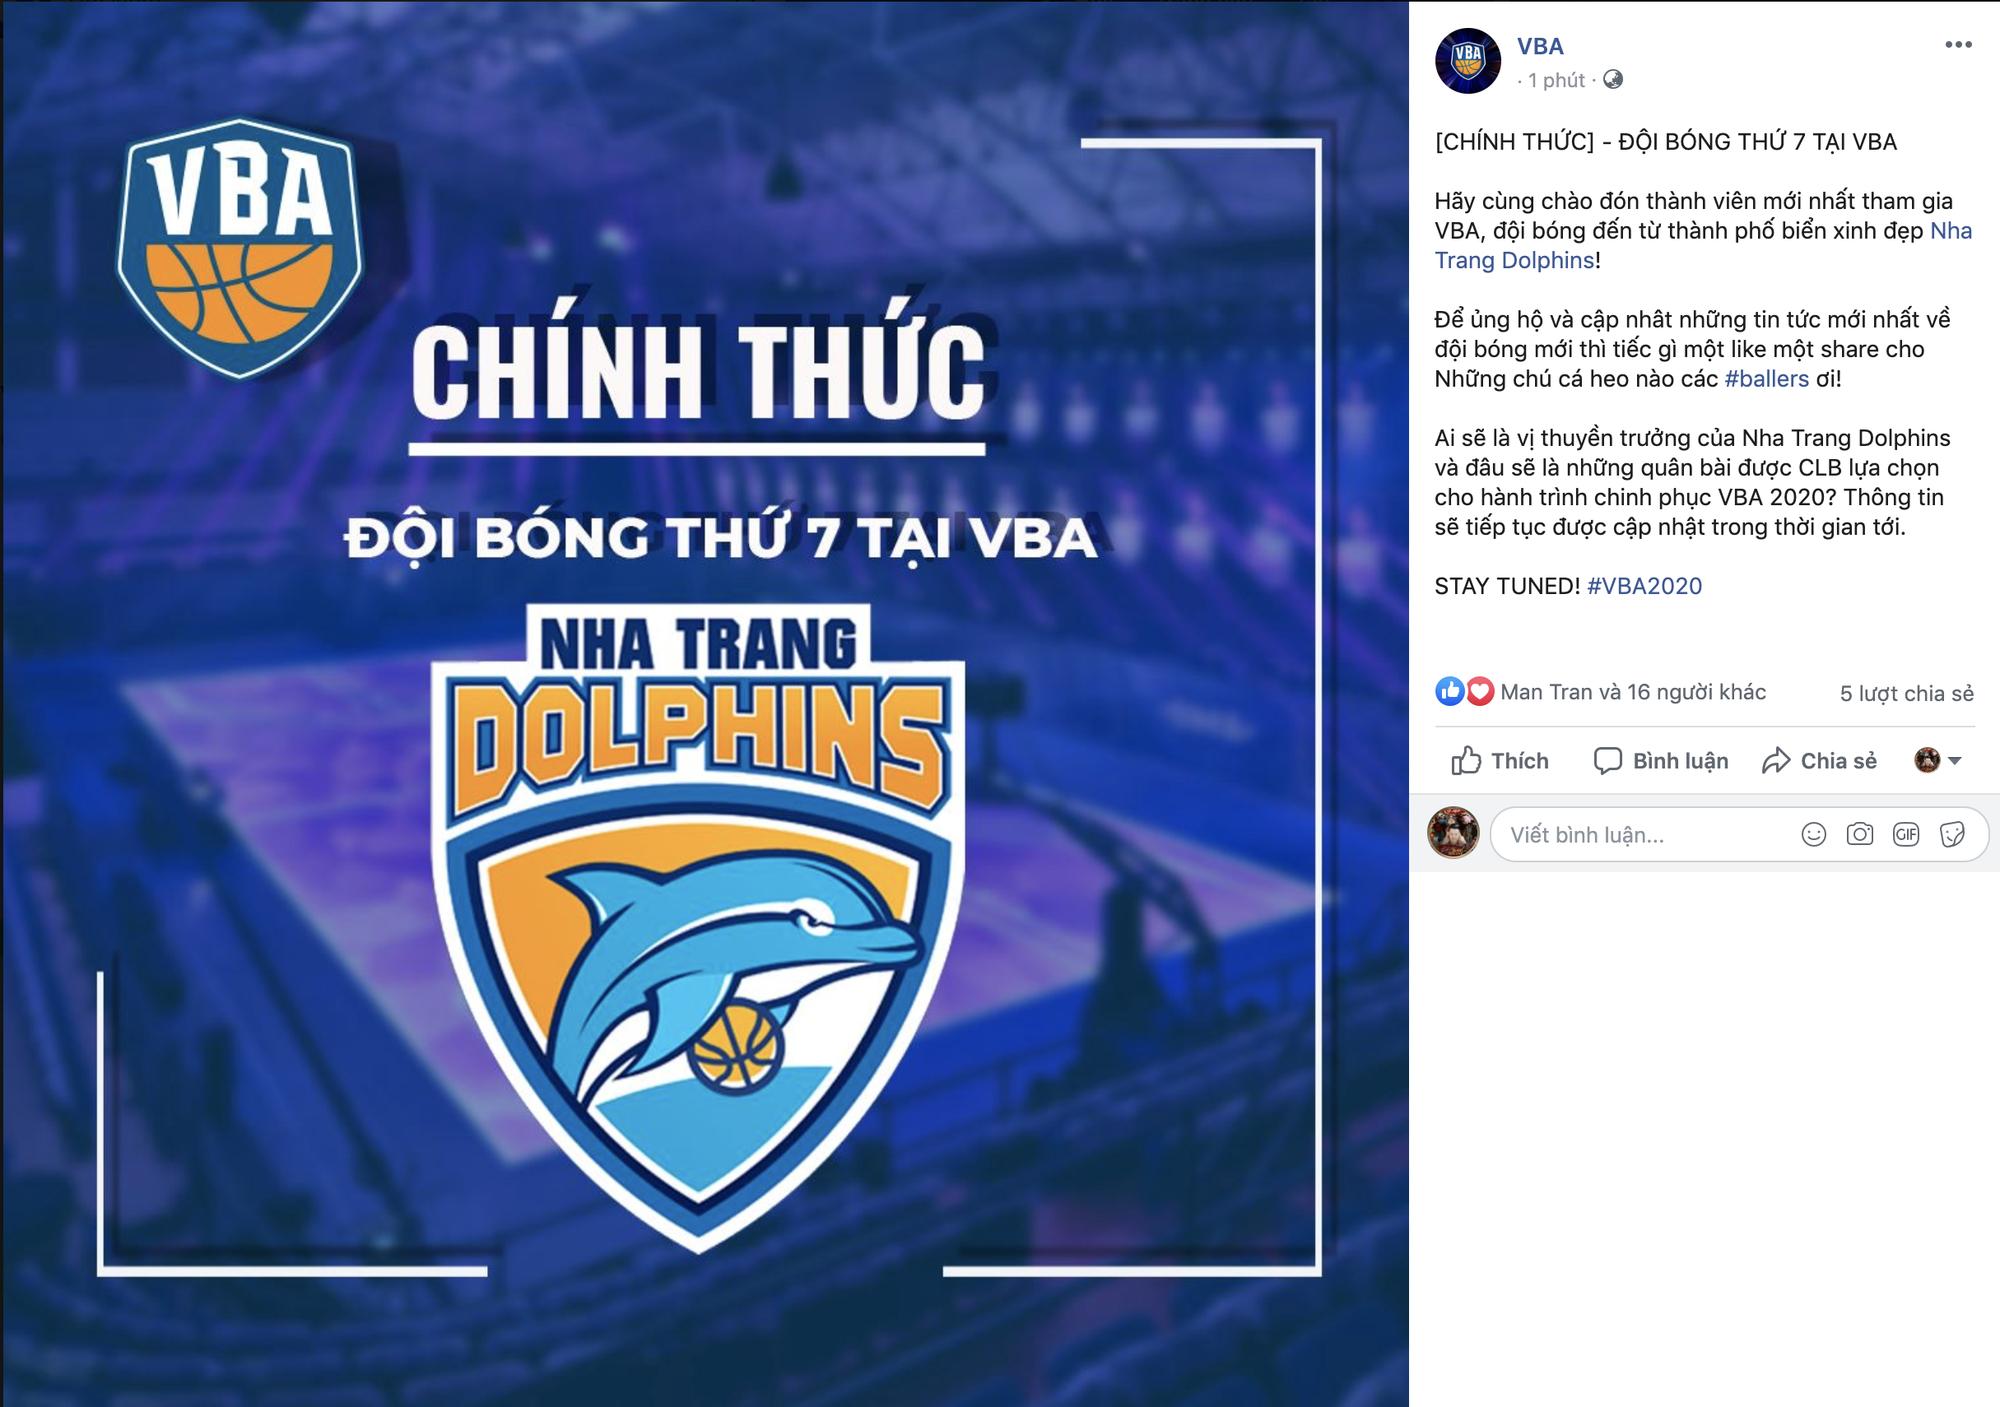 VBA chính thức công bố đội bóng thứ 7: Nha Trang Dolphins là cái tên được chọn - Ảnh 1.